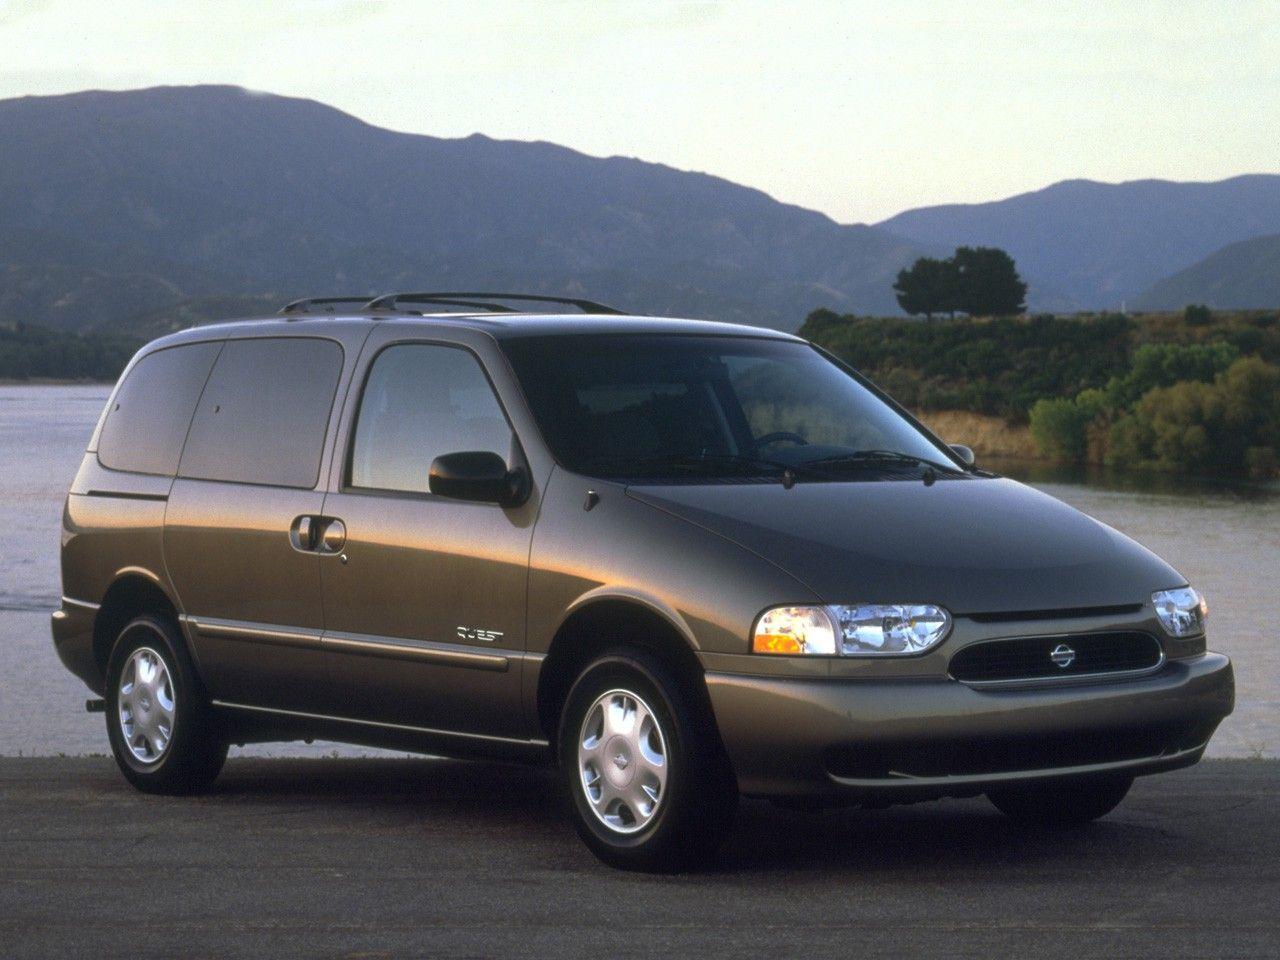 hight resolution of  nissan quest minivan 5 doors 1998 model exterior